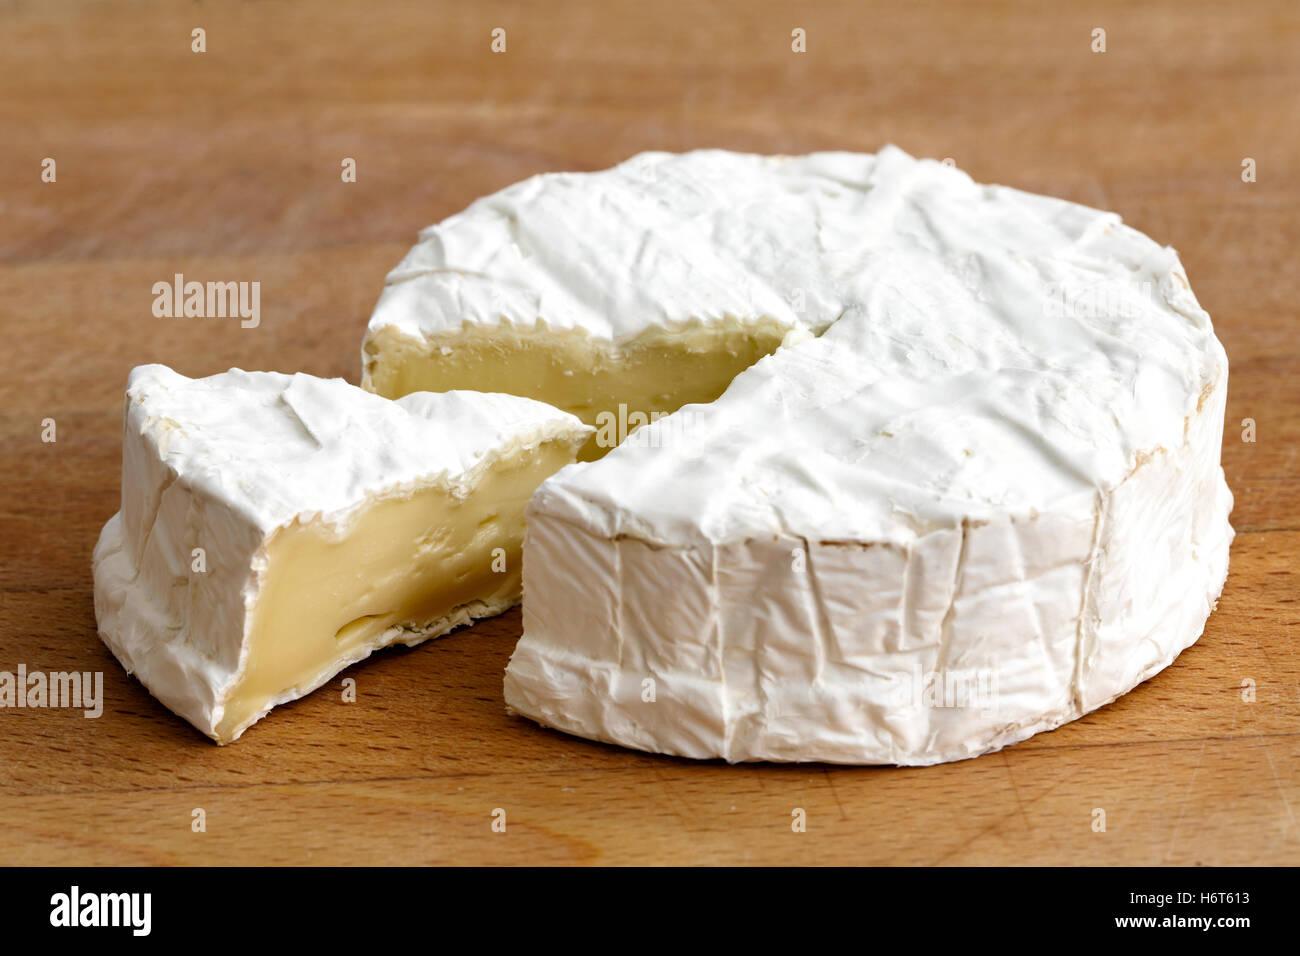 Weißer Schimmel Käse Mit Geschnittenen Scheibe Isoliert Auf Holz